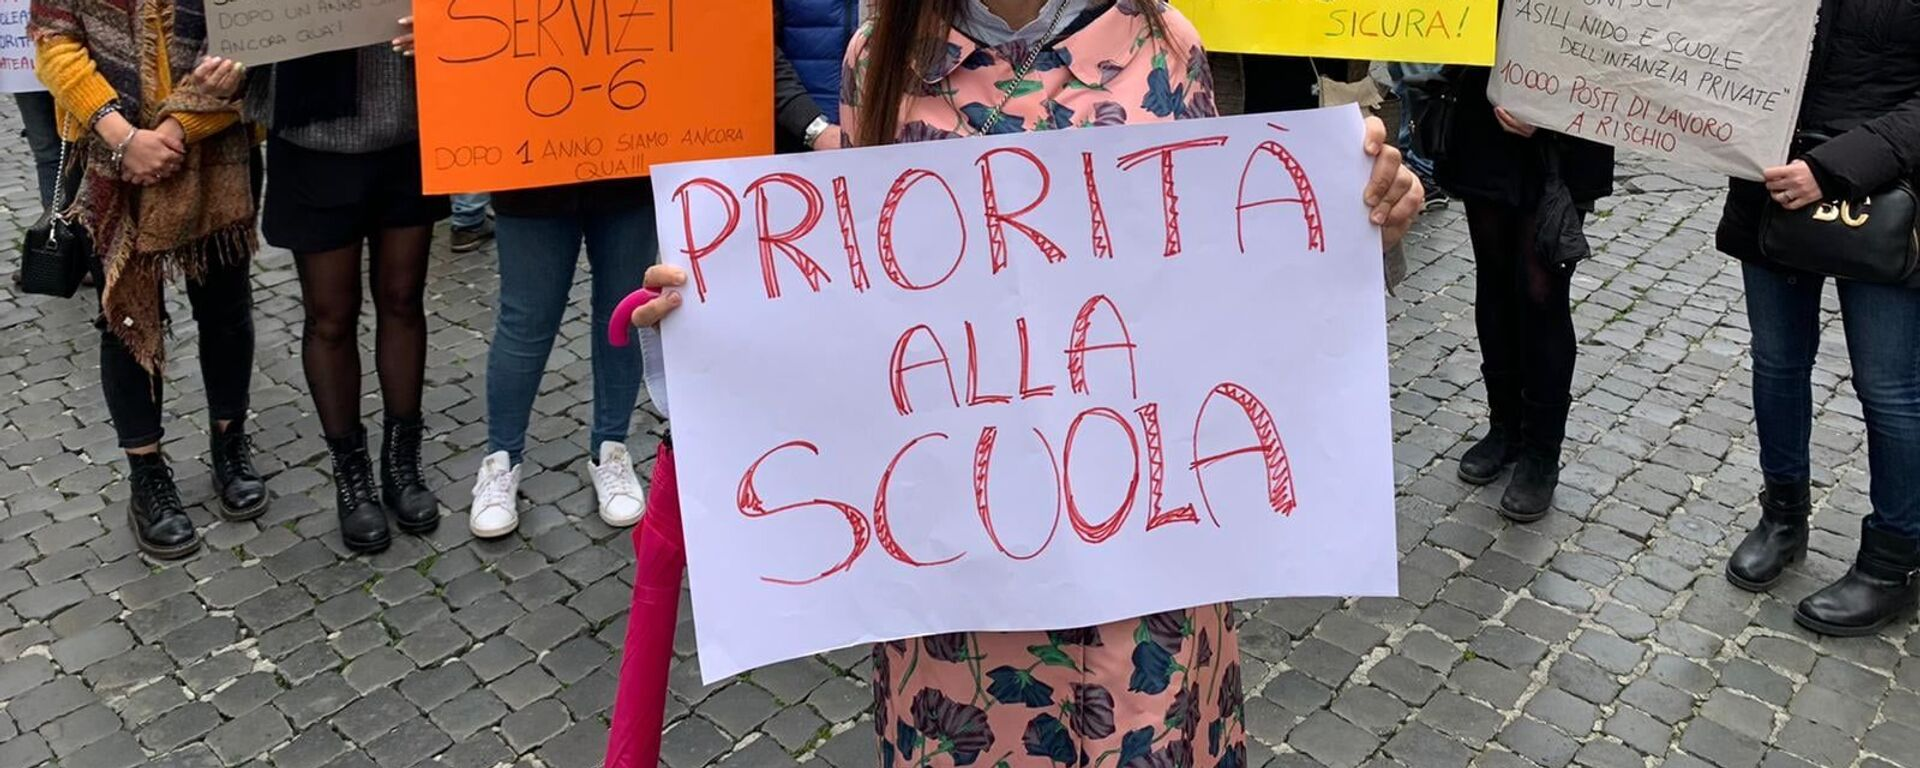 Manifestazione del Comitato Priorità alla scuola a Montecitorio, Roma - Sputnik Italia, 1920, 19.07.2021